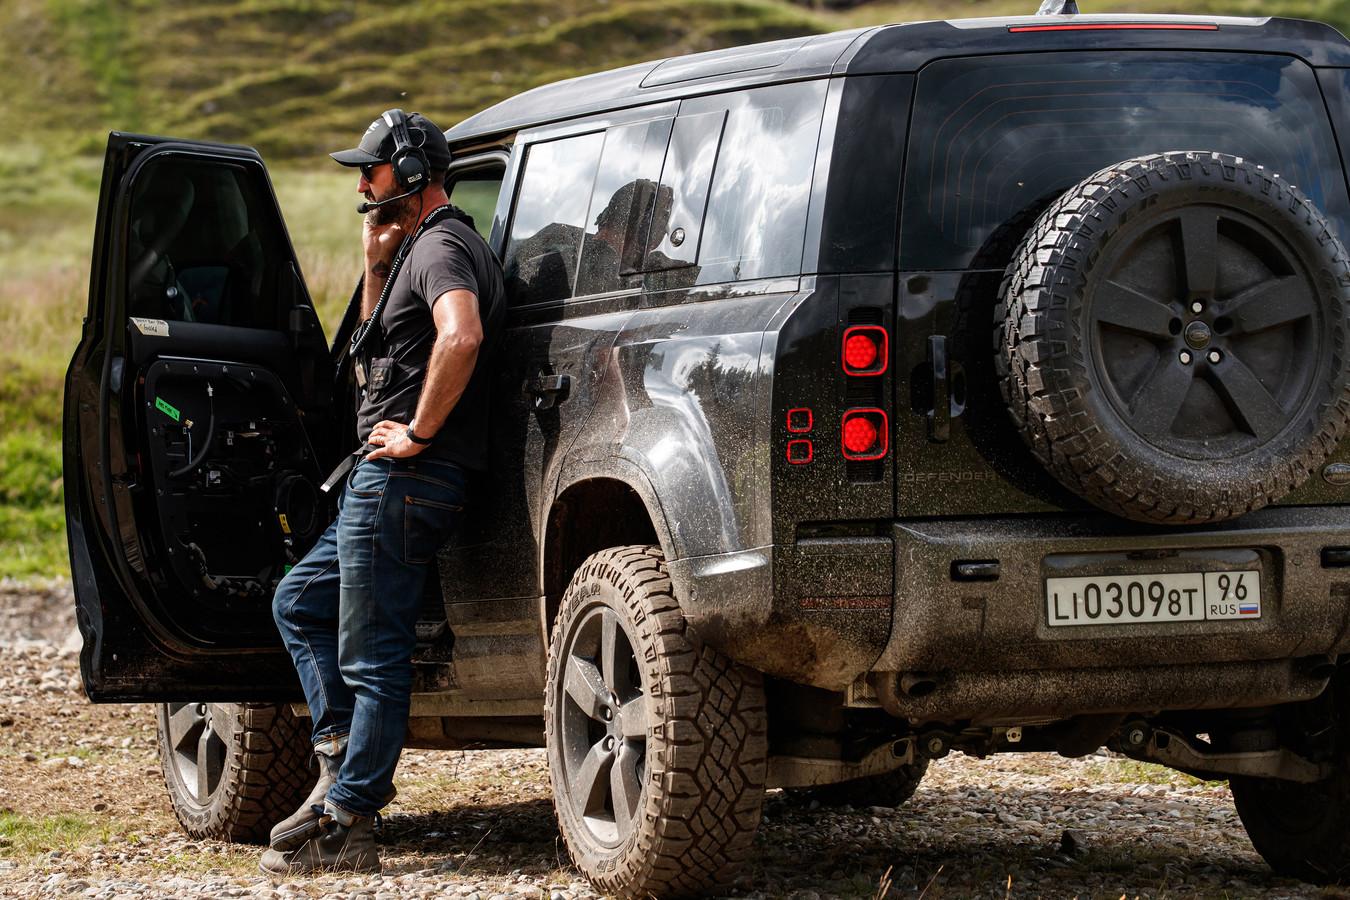 De Land Rover Defender op de set van de nieuwe James Bond-film